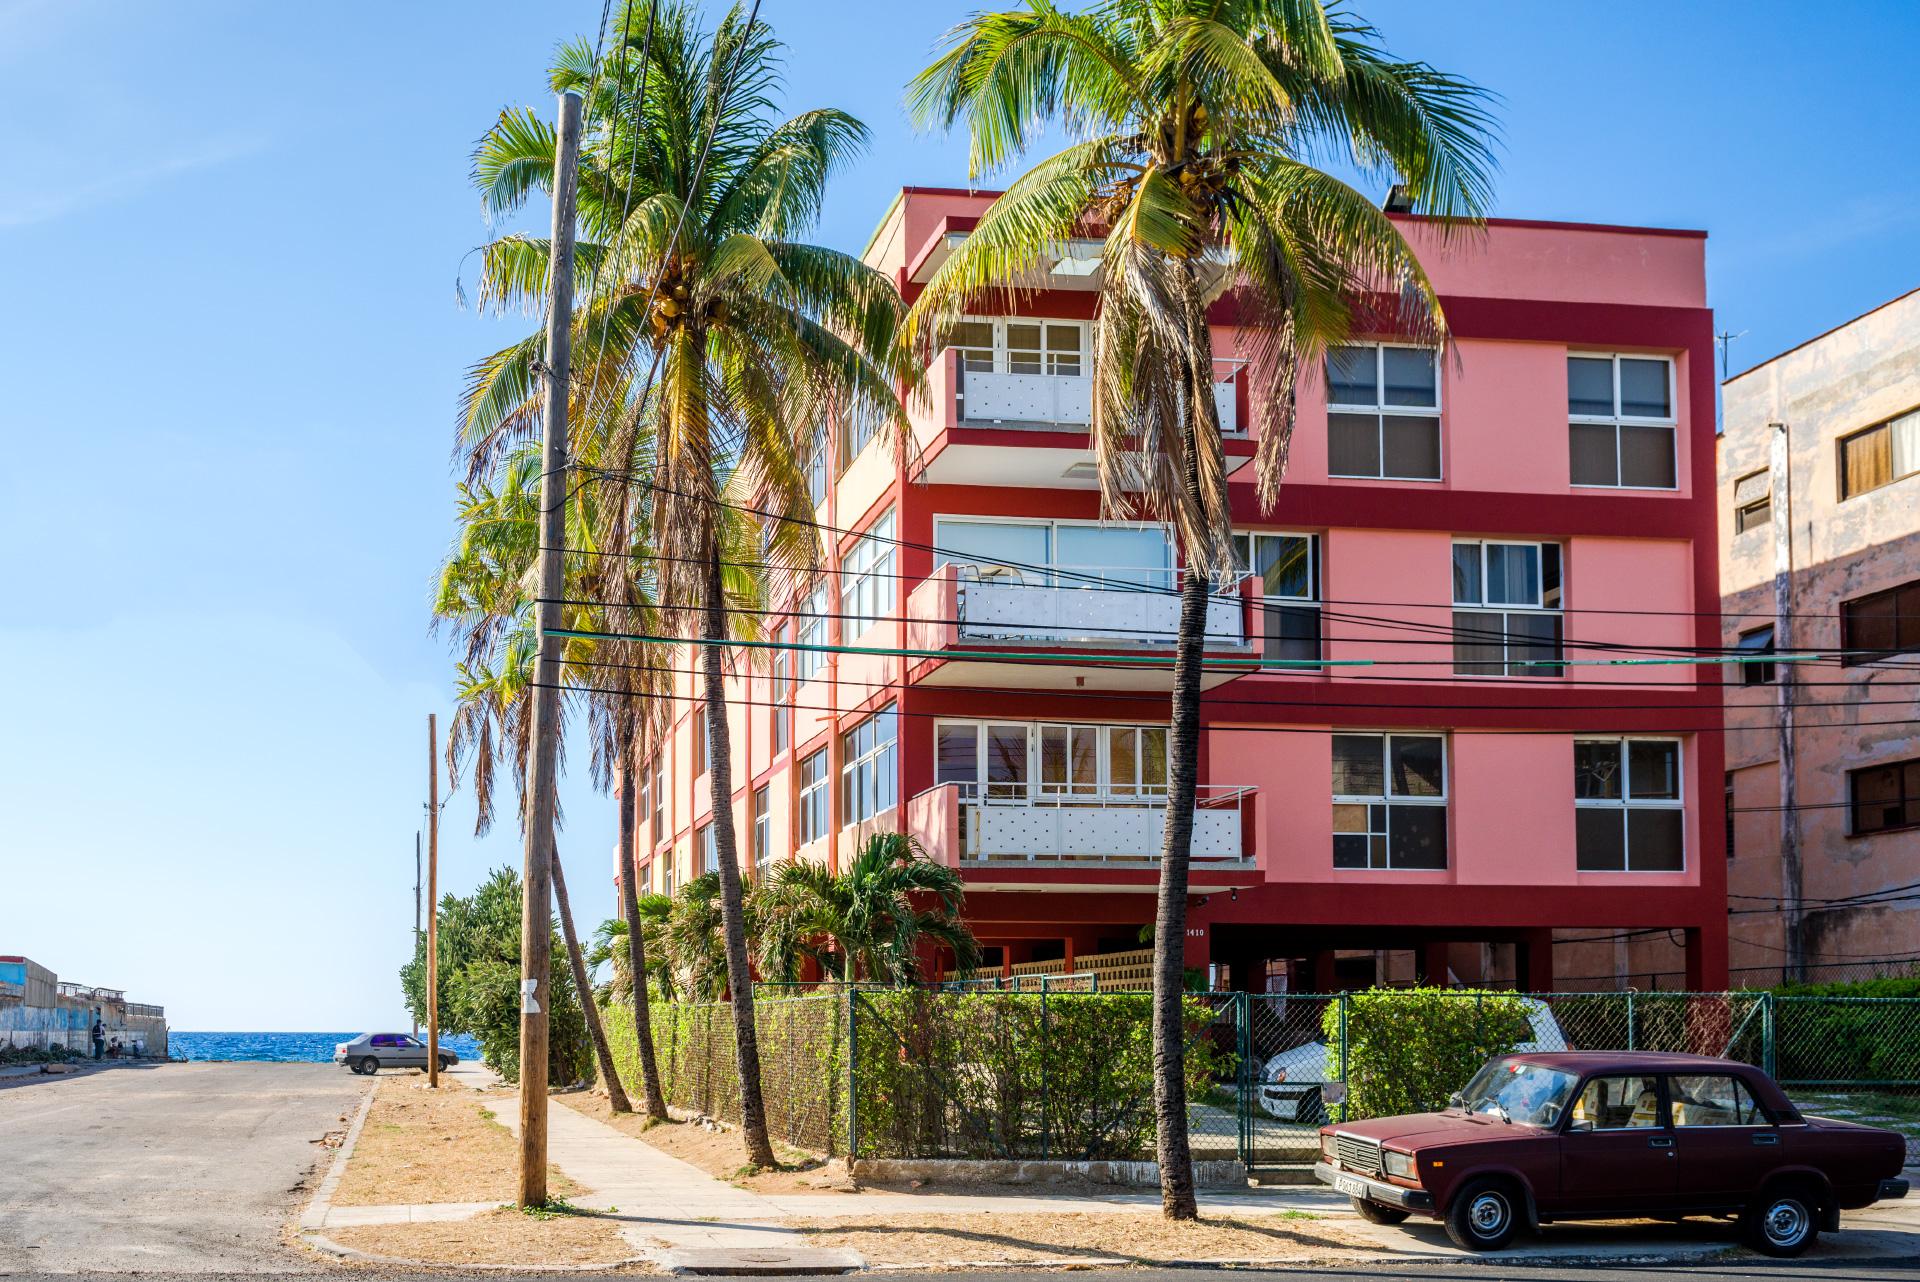 Havana Oceanfront Condo Building